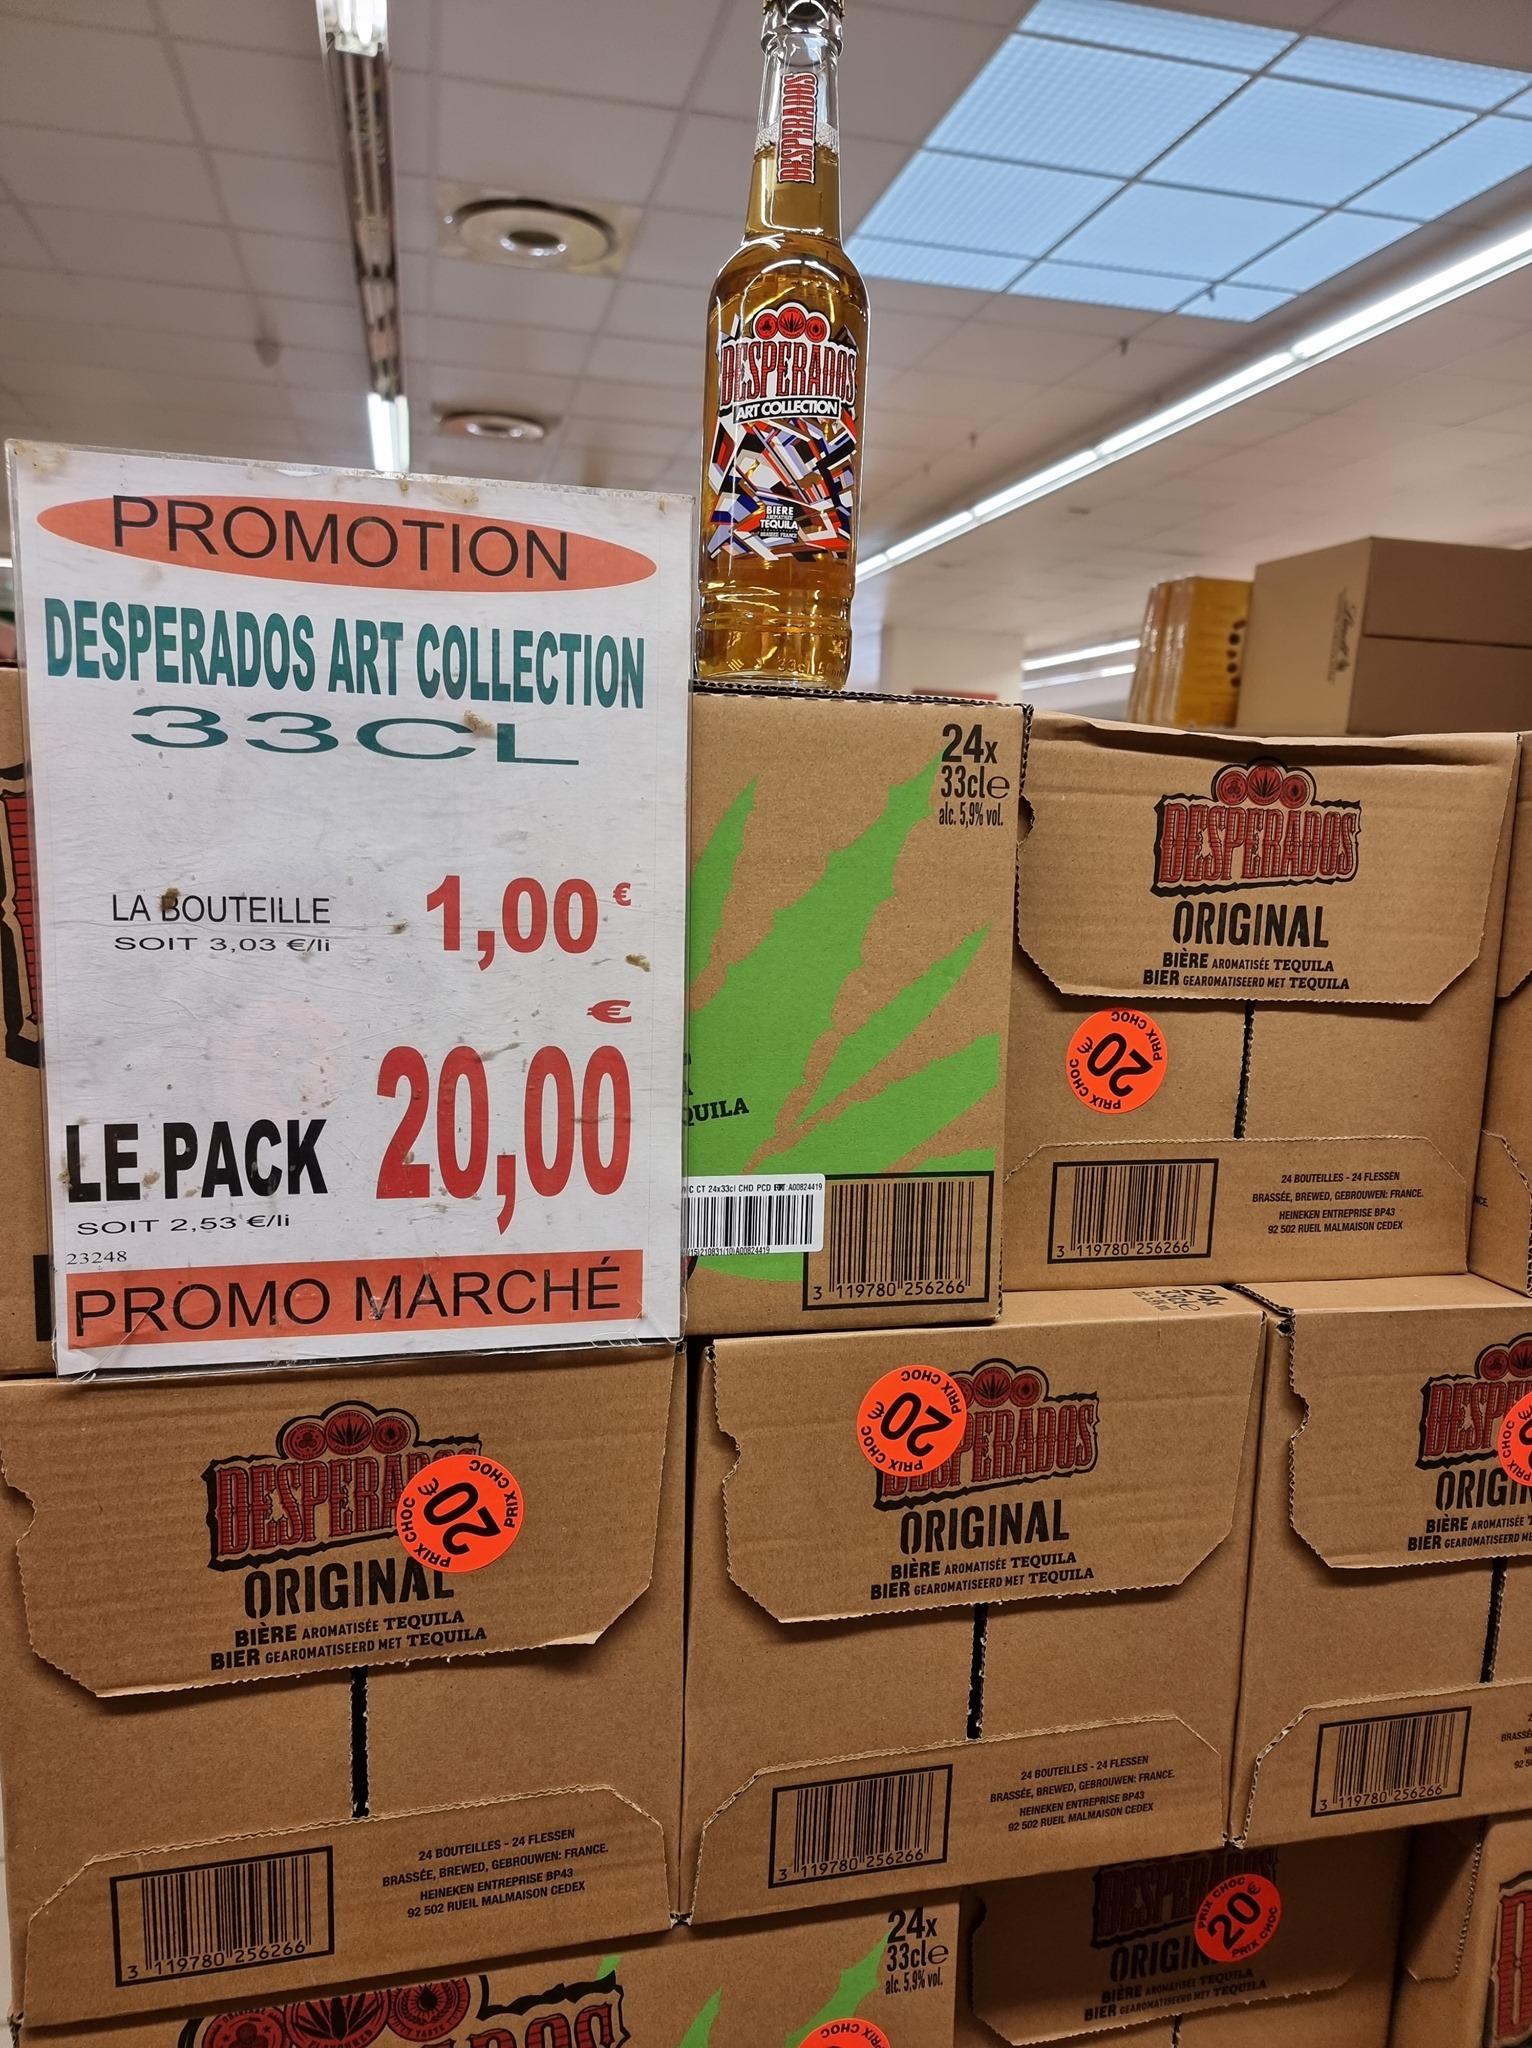 Pack de 20 Bouteilles de Desperados art collection - Promo Marché Reims (51)